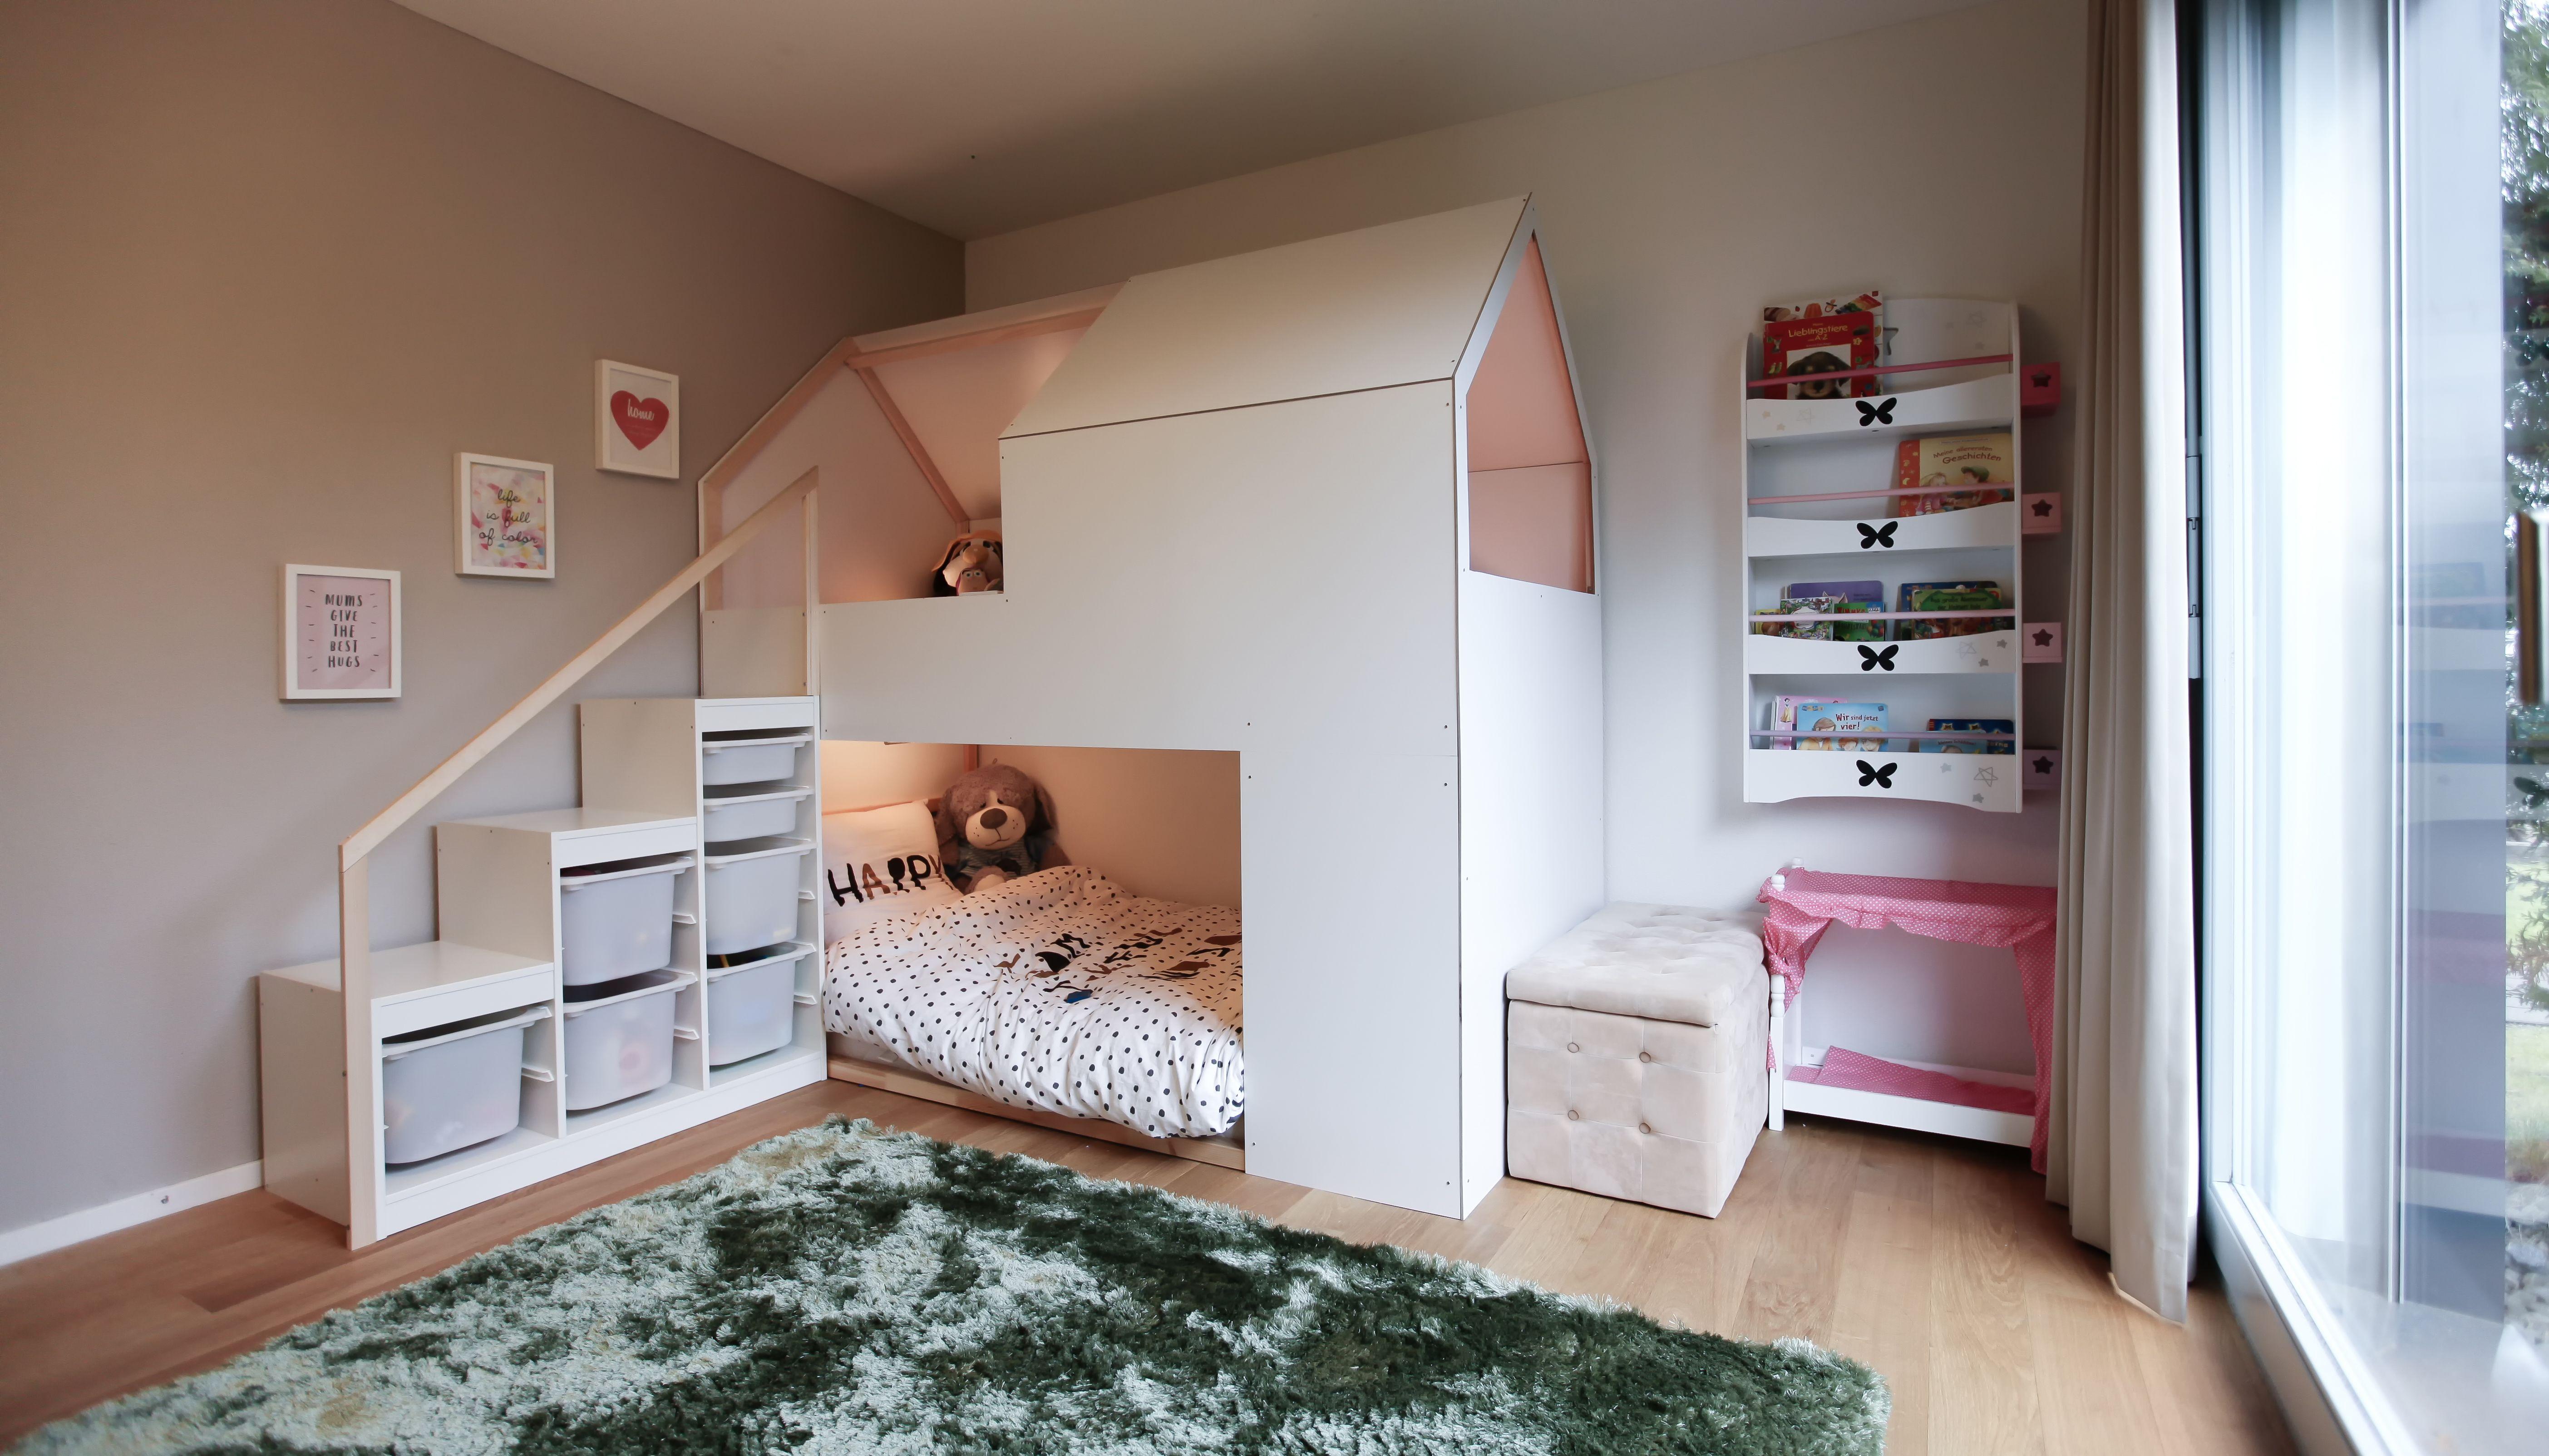 Schlafzimmer Einrichten Mit Kinderbett